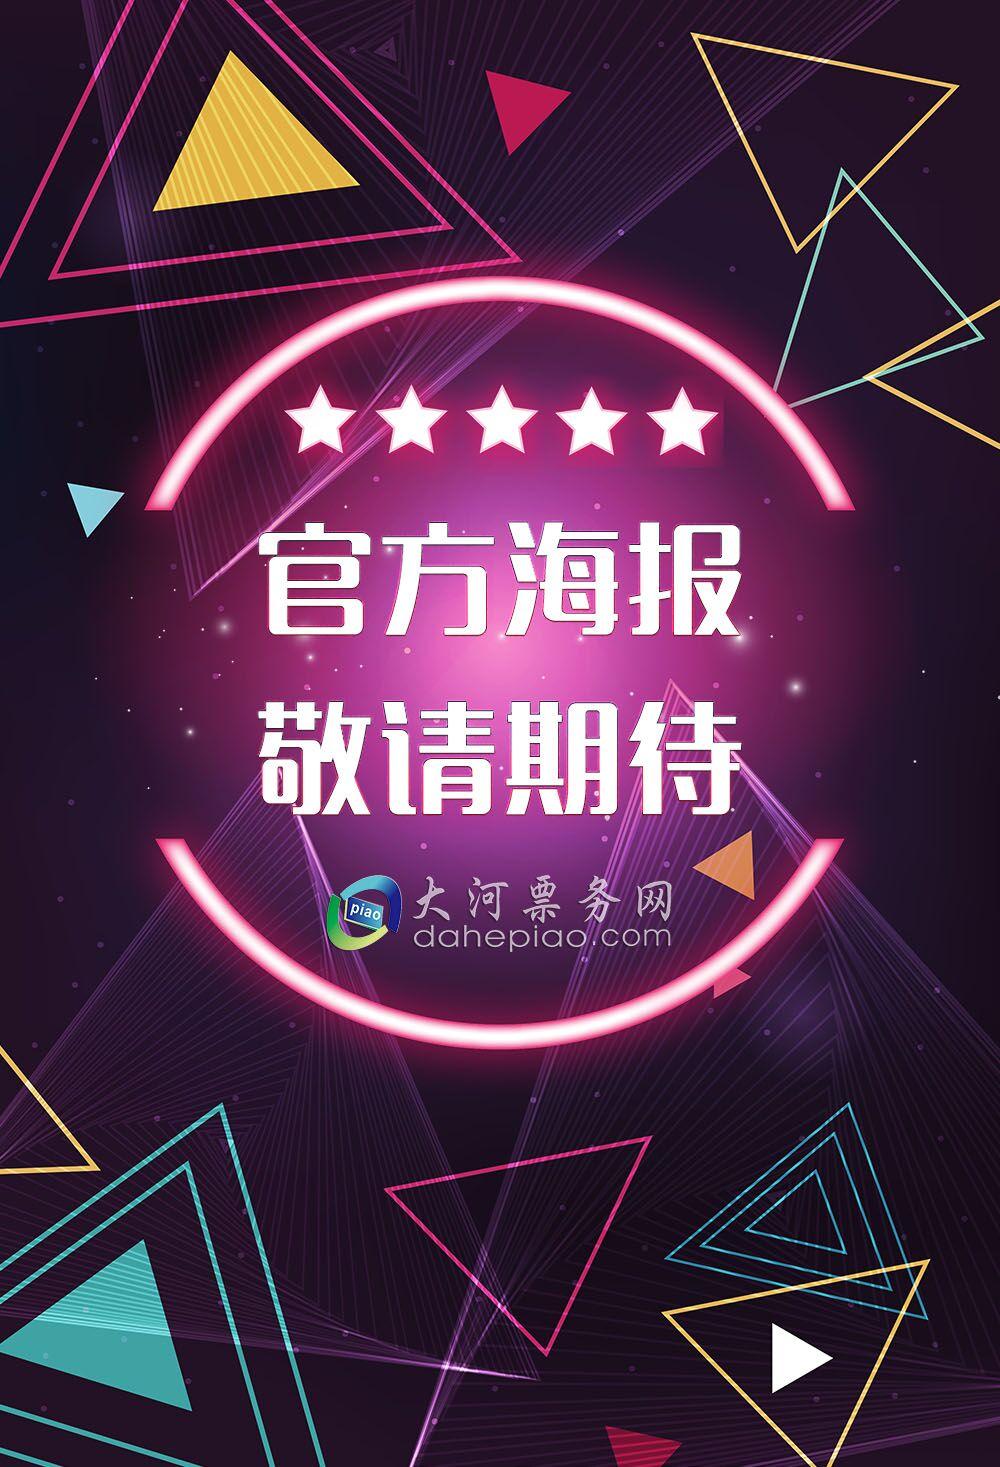 【北京】【游娱联盟】暗夜刺客(全自动机械真人主题)